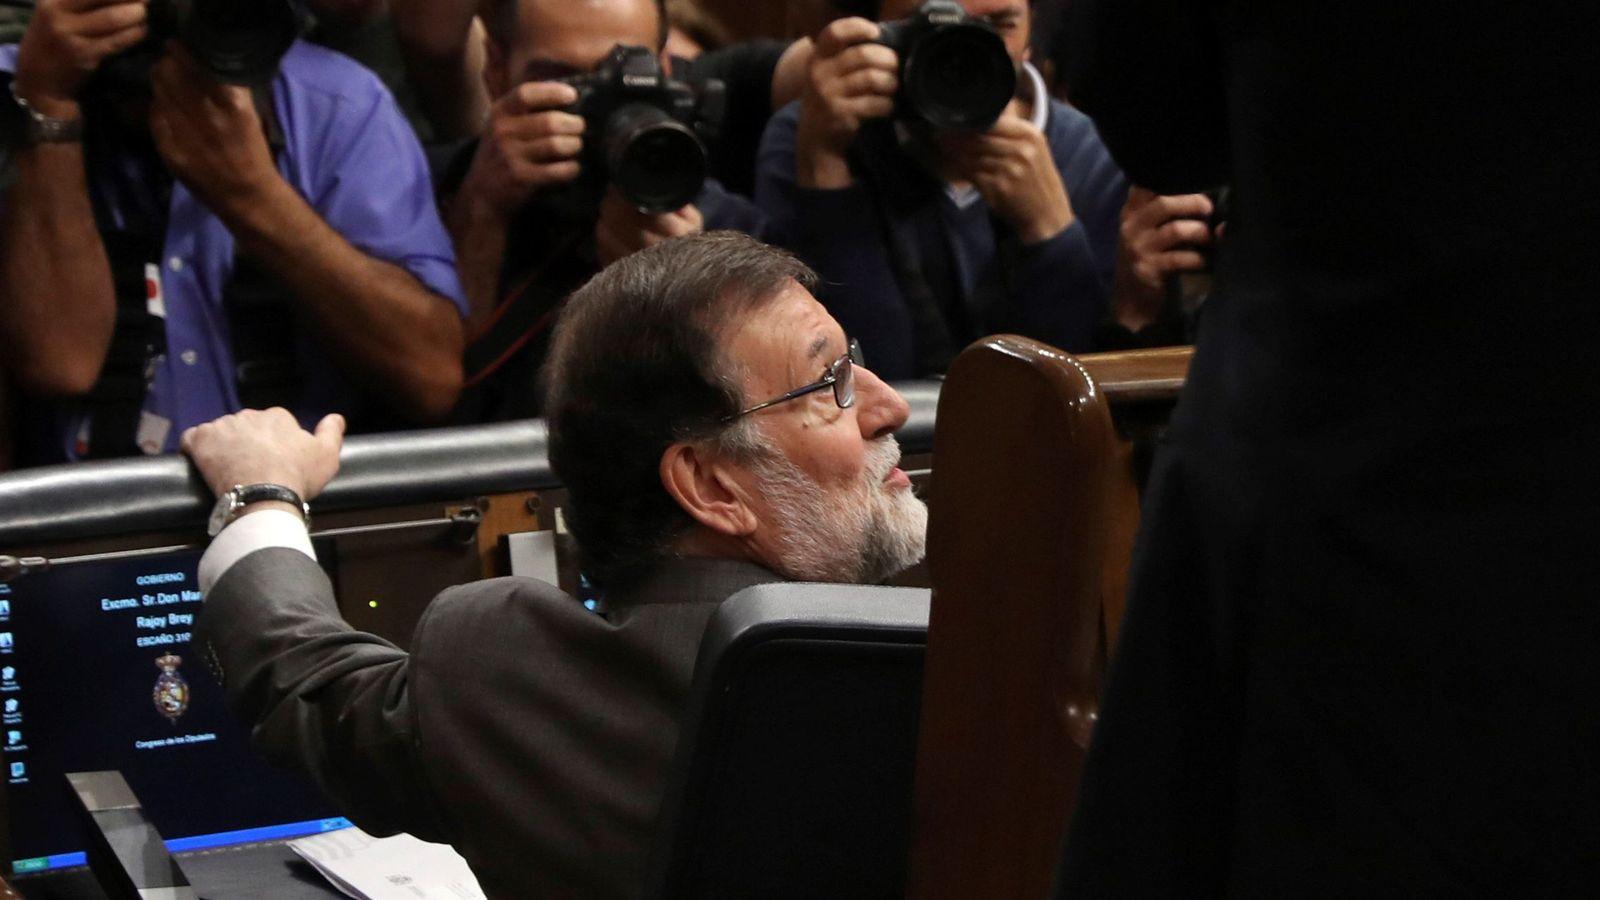 Foto: El presidente del Gobierno, Mariano Rajoy, a su llegada al hemiciclo del Congreso de los Diputados. (EFE)